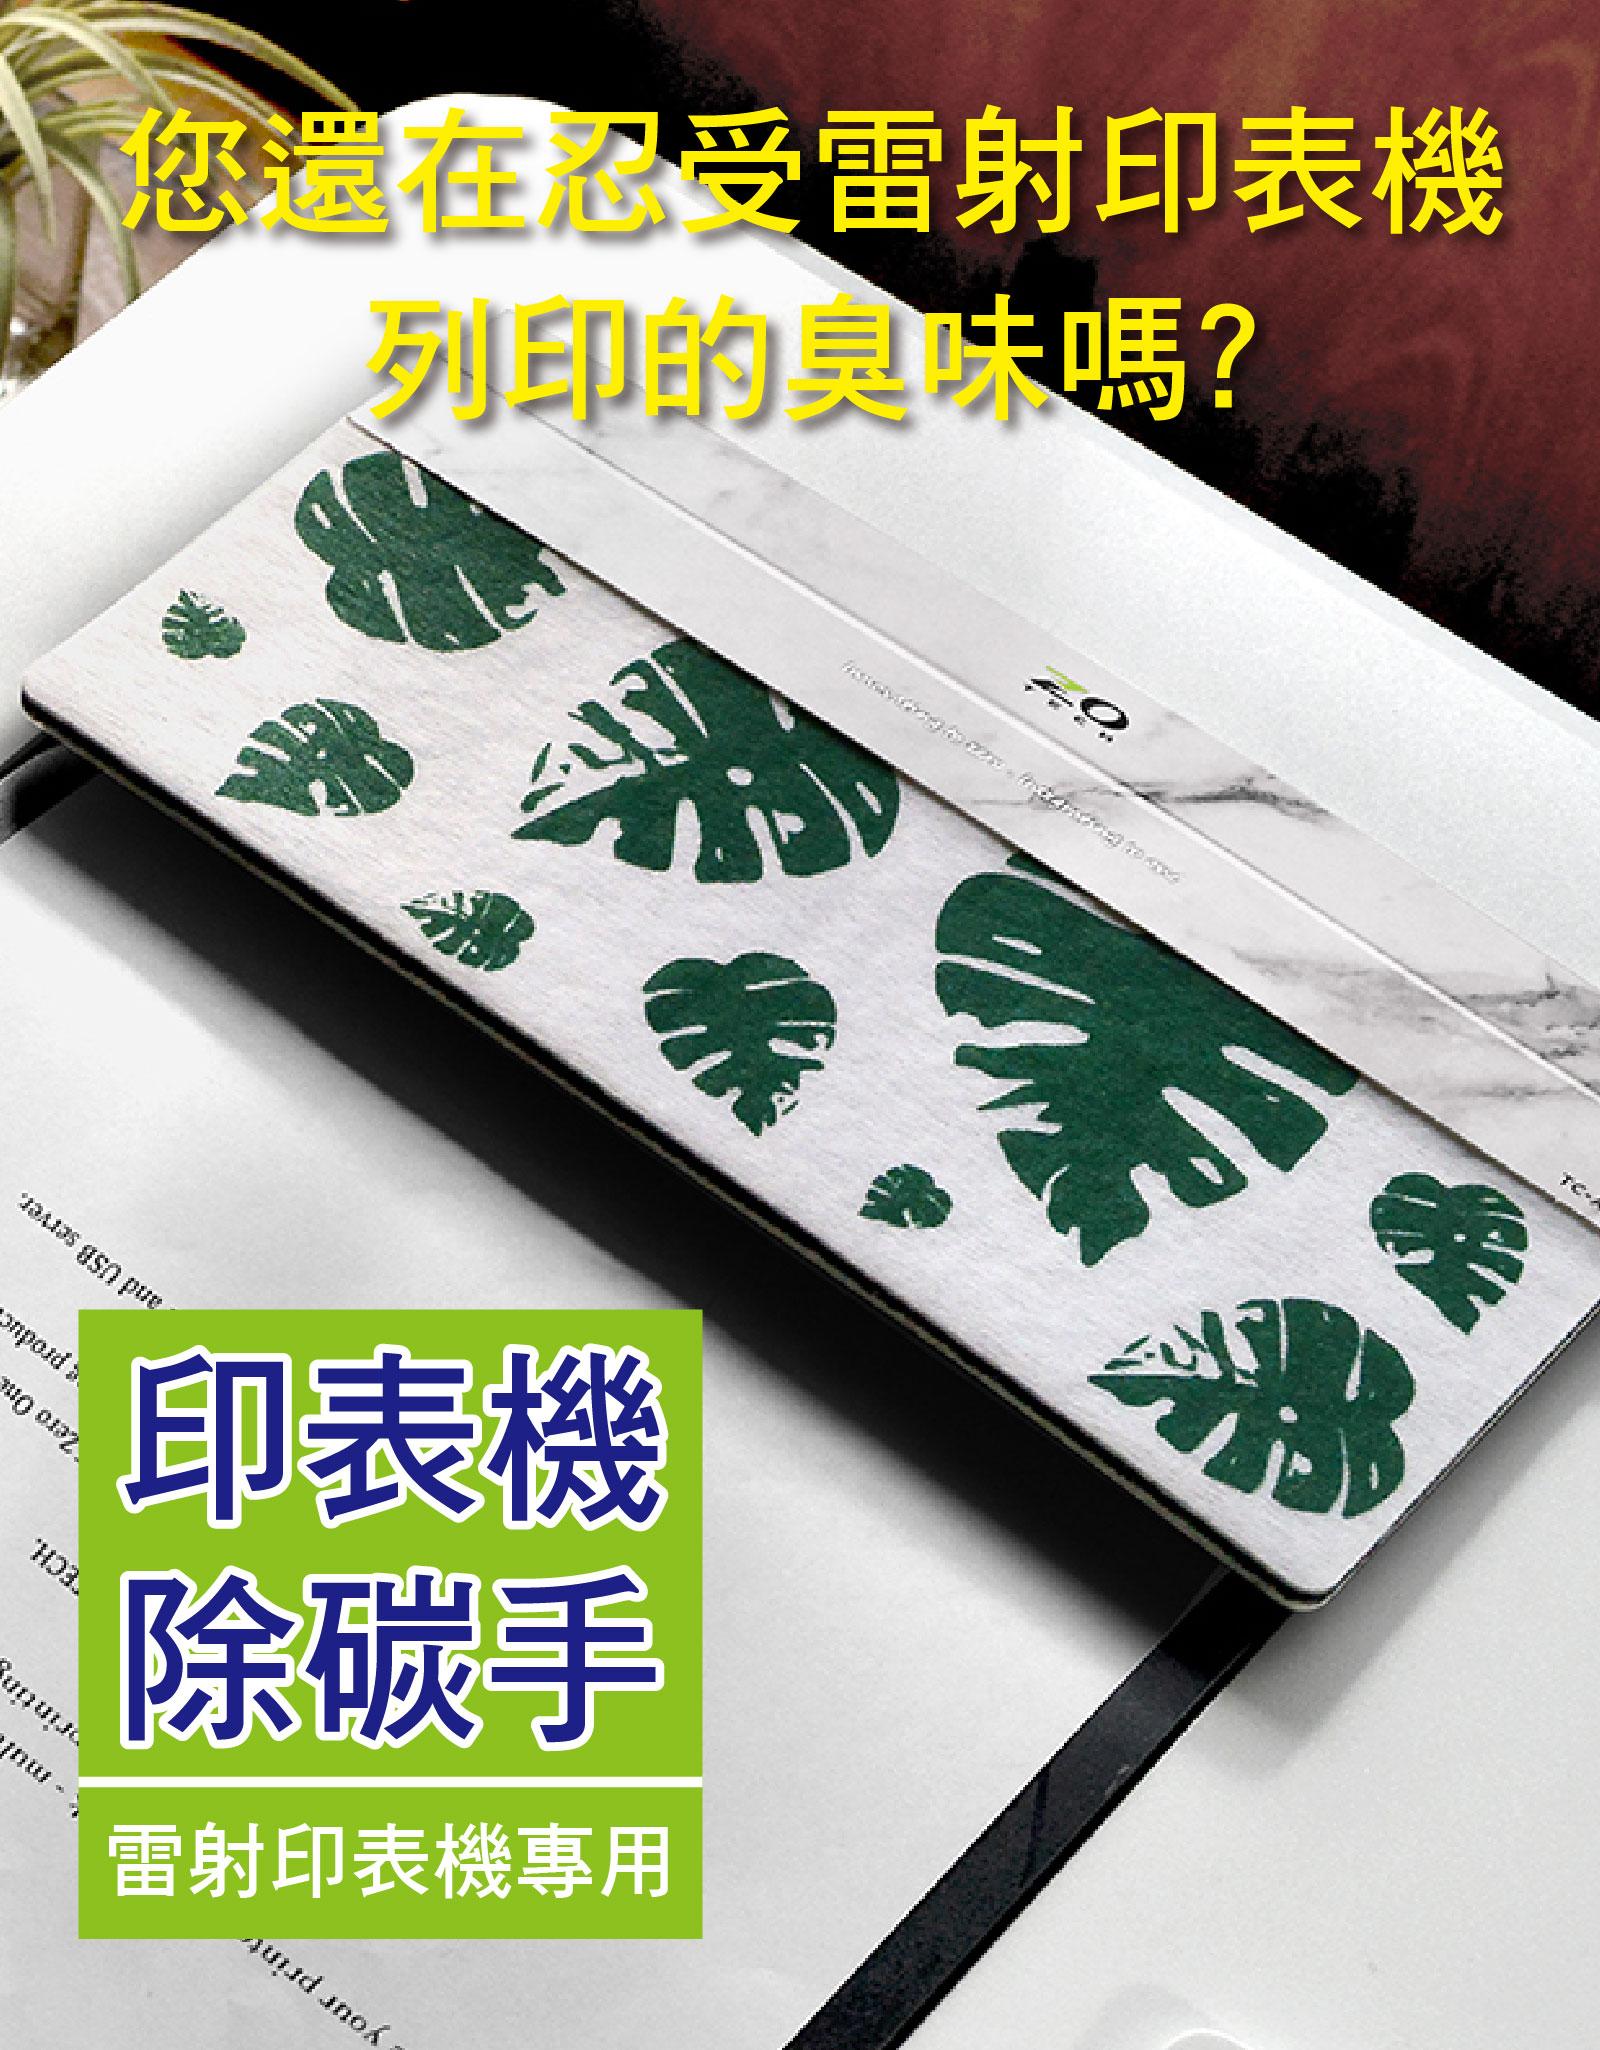 印表機除碳手